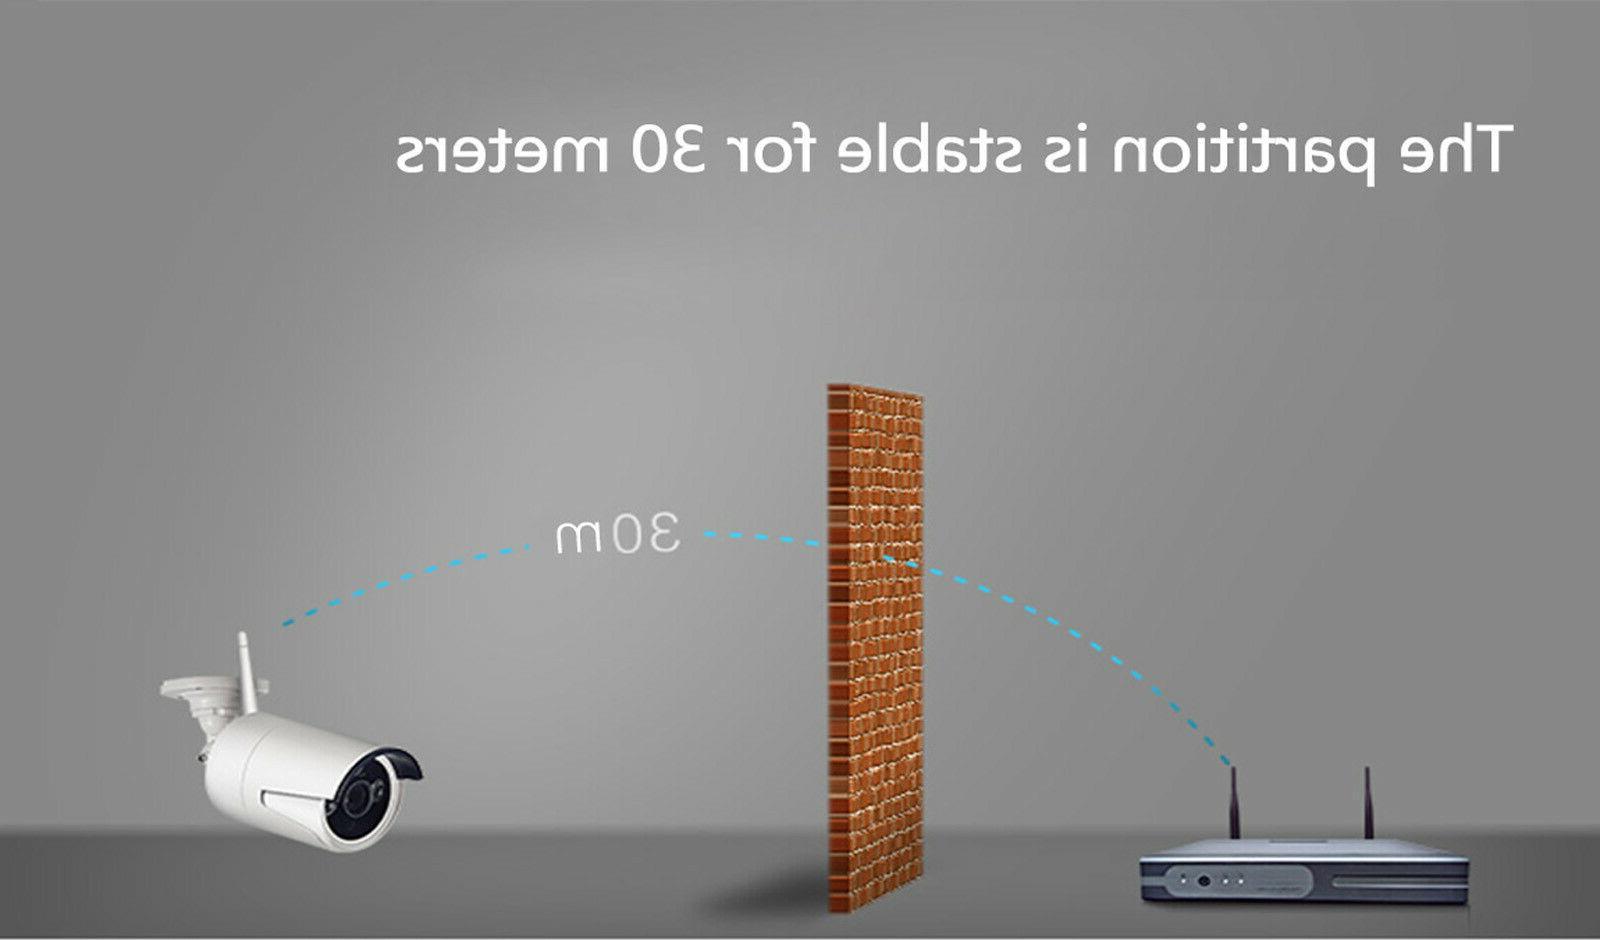 Anni 1080P NVR WIFI Camera Security Video